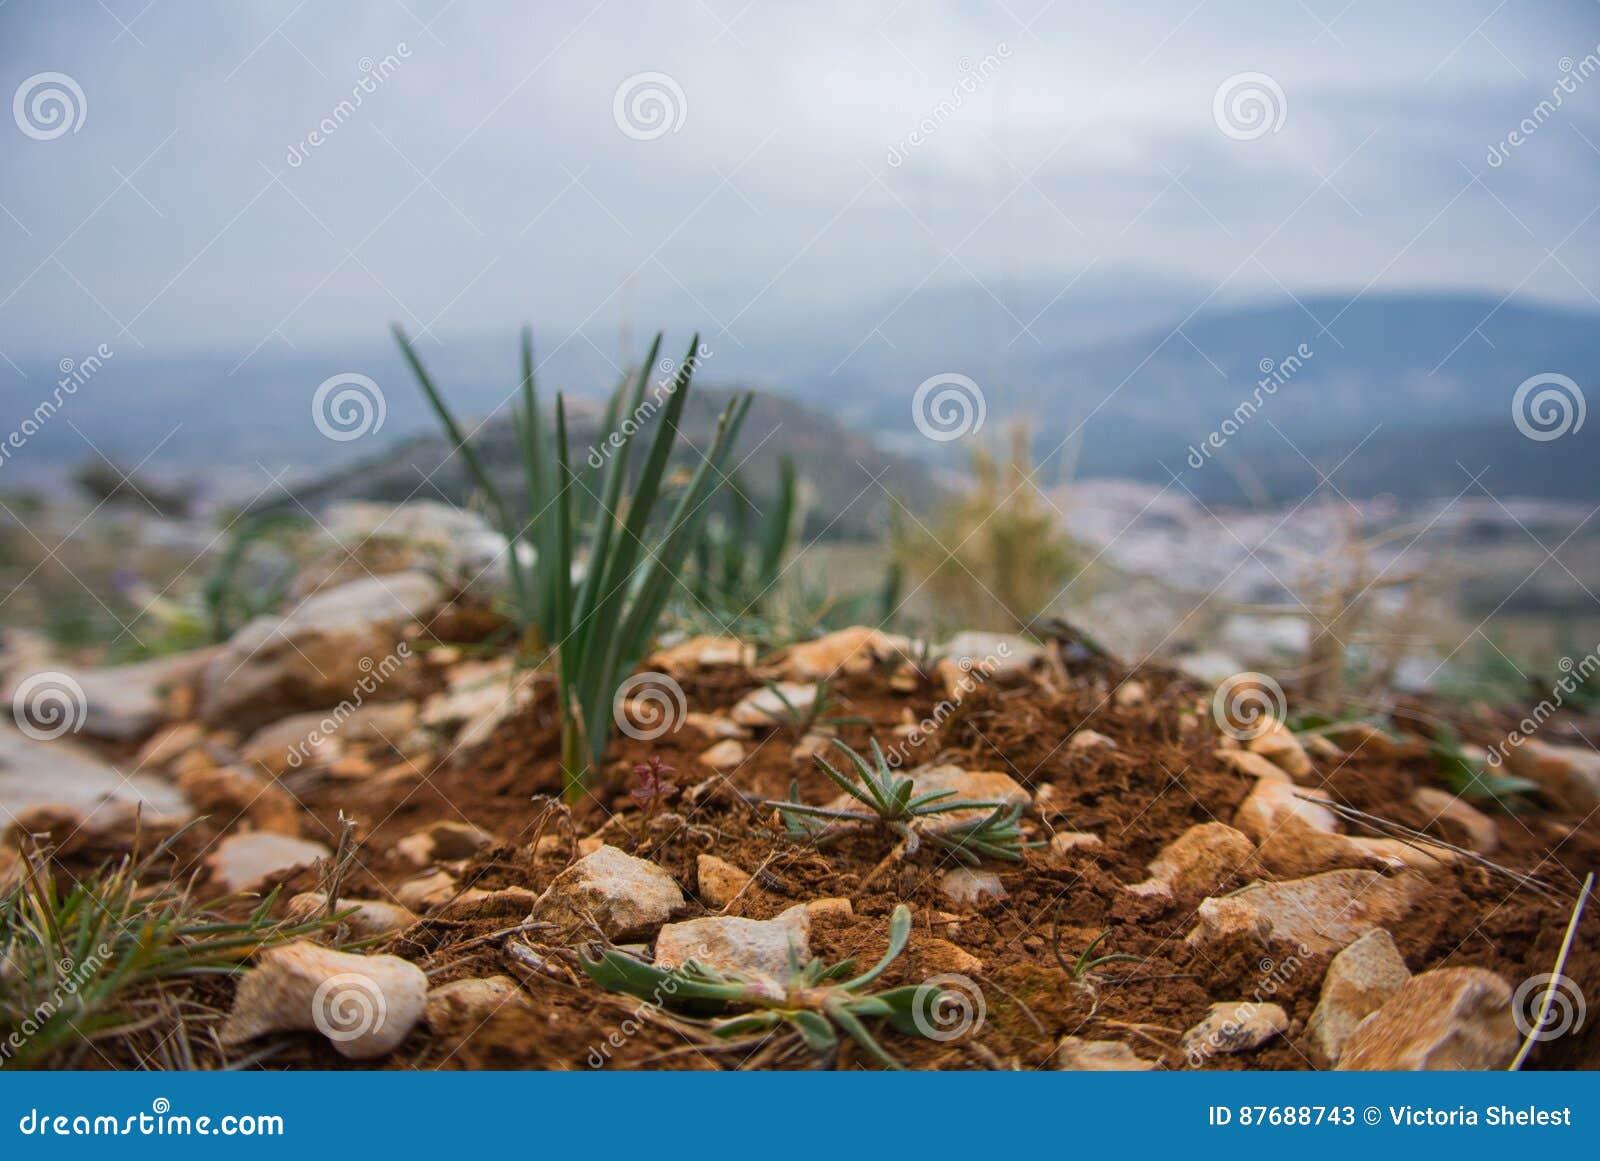 Ένας μικρός νεαρός βλαστός πεύκων ανάπτυξης στο έδαφος και τις πέτρες αργίλου